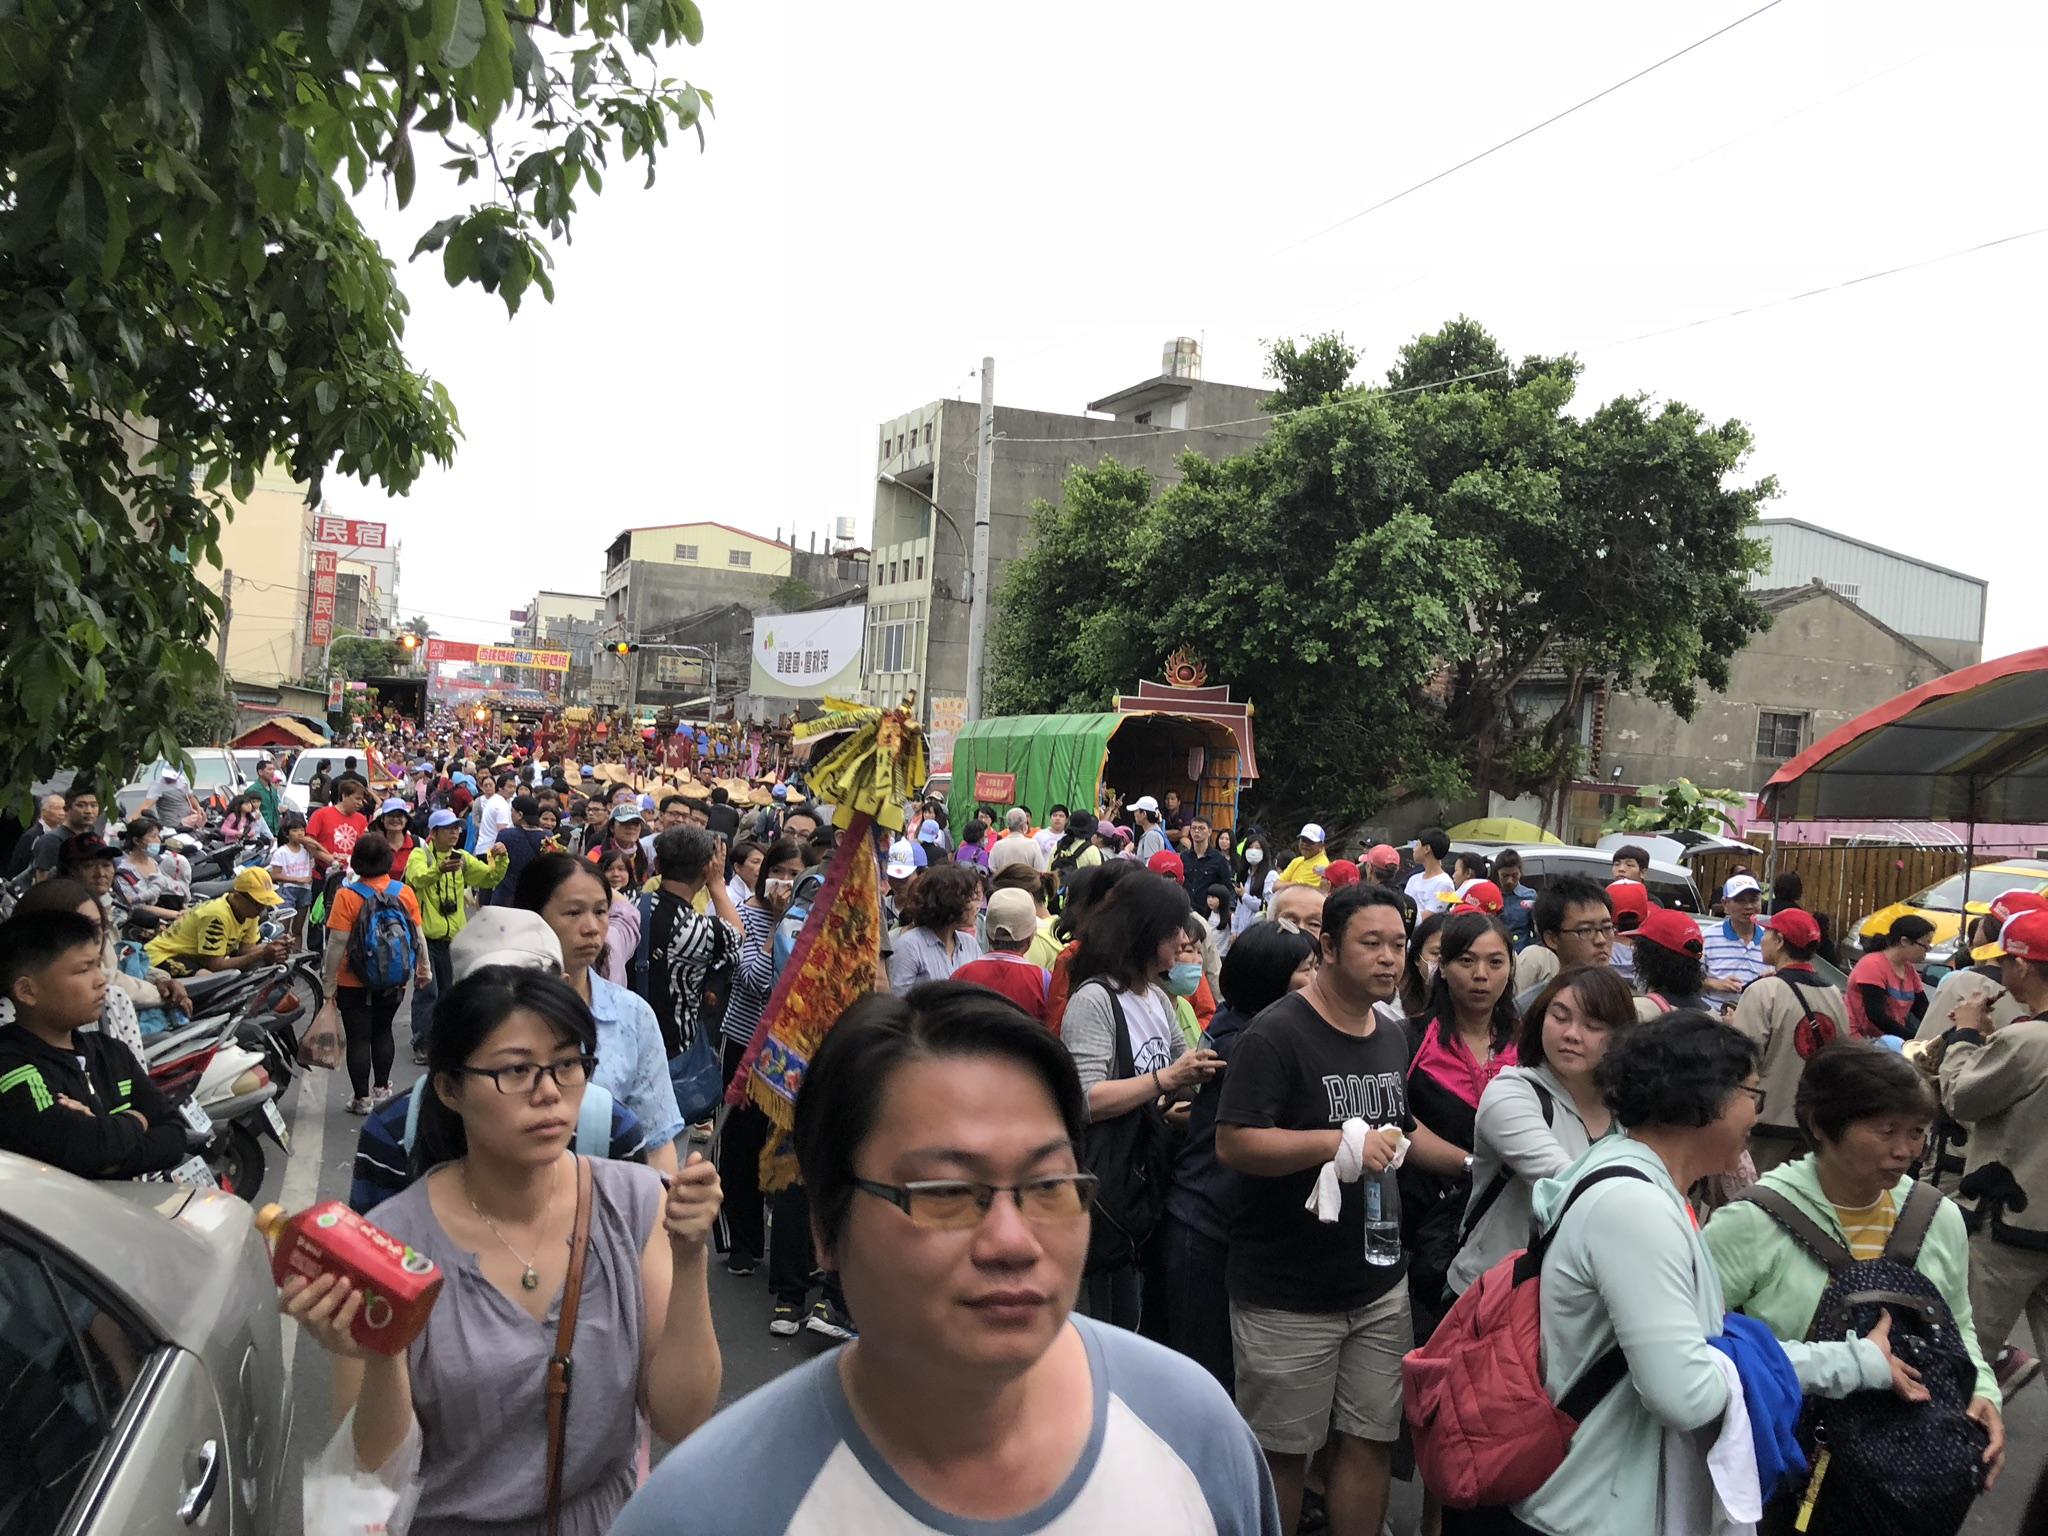 文化讚─《35》民俗分享~全民母親!略談台灣各大特色媽祖活動~